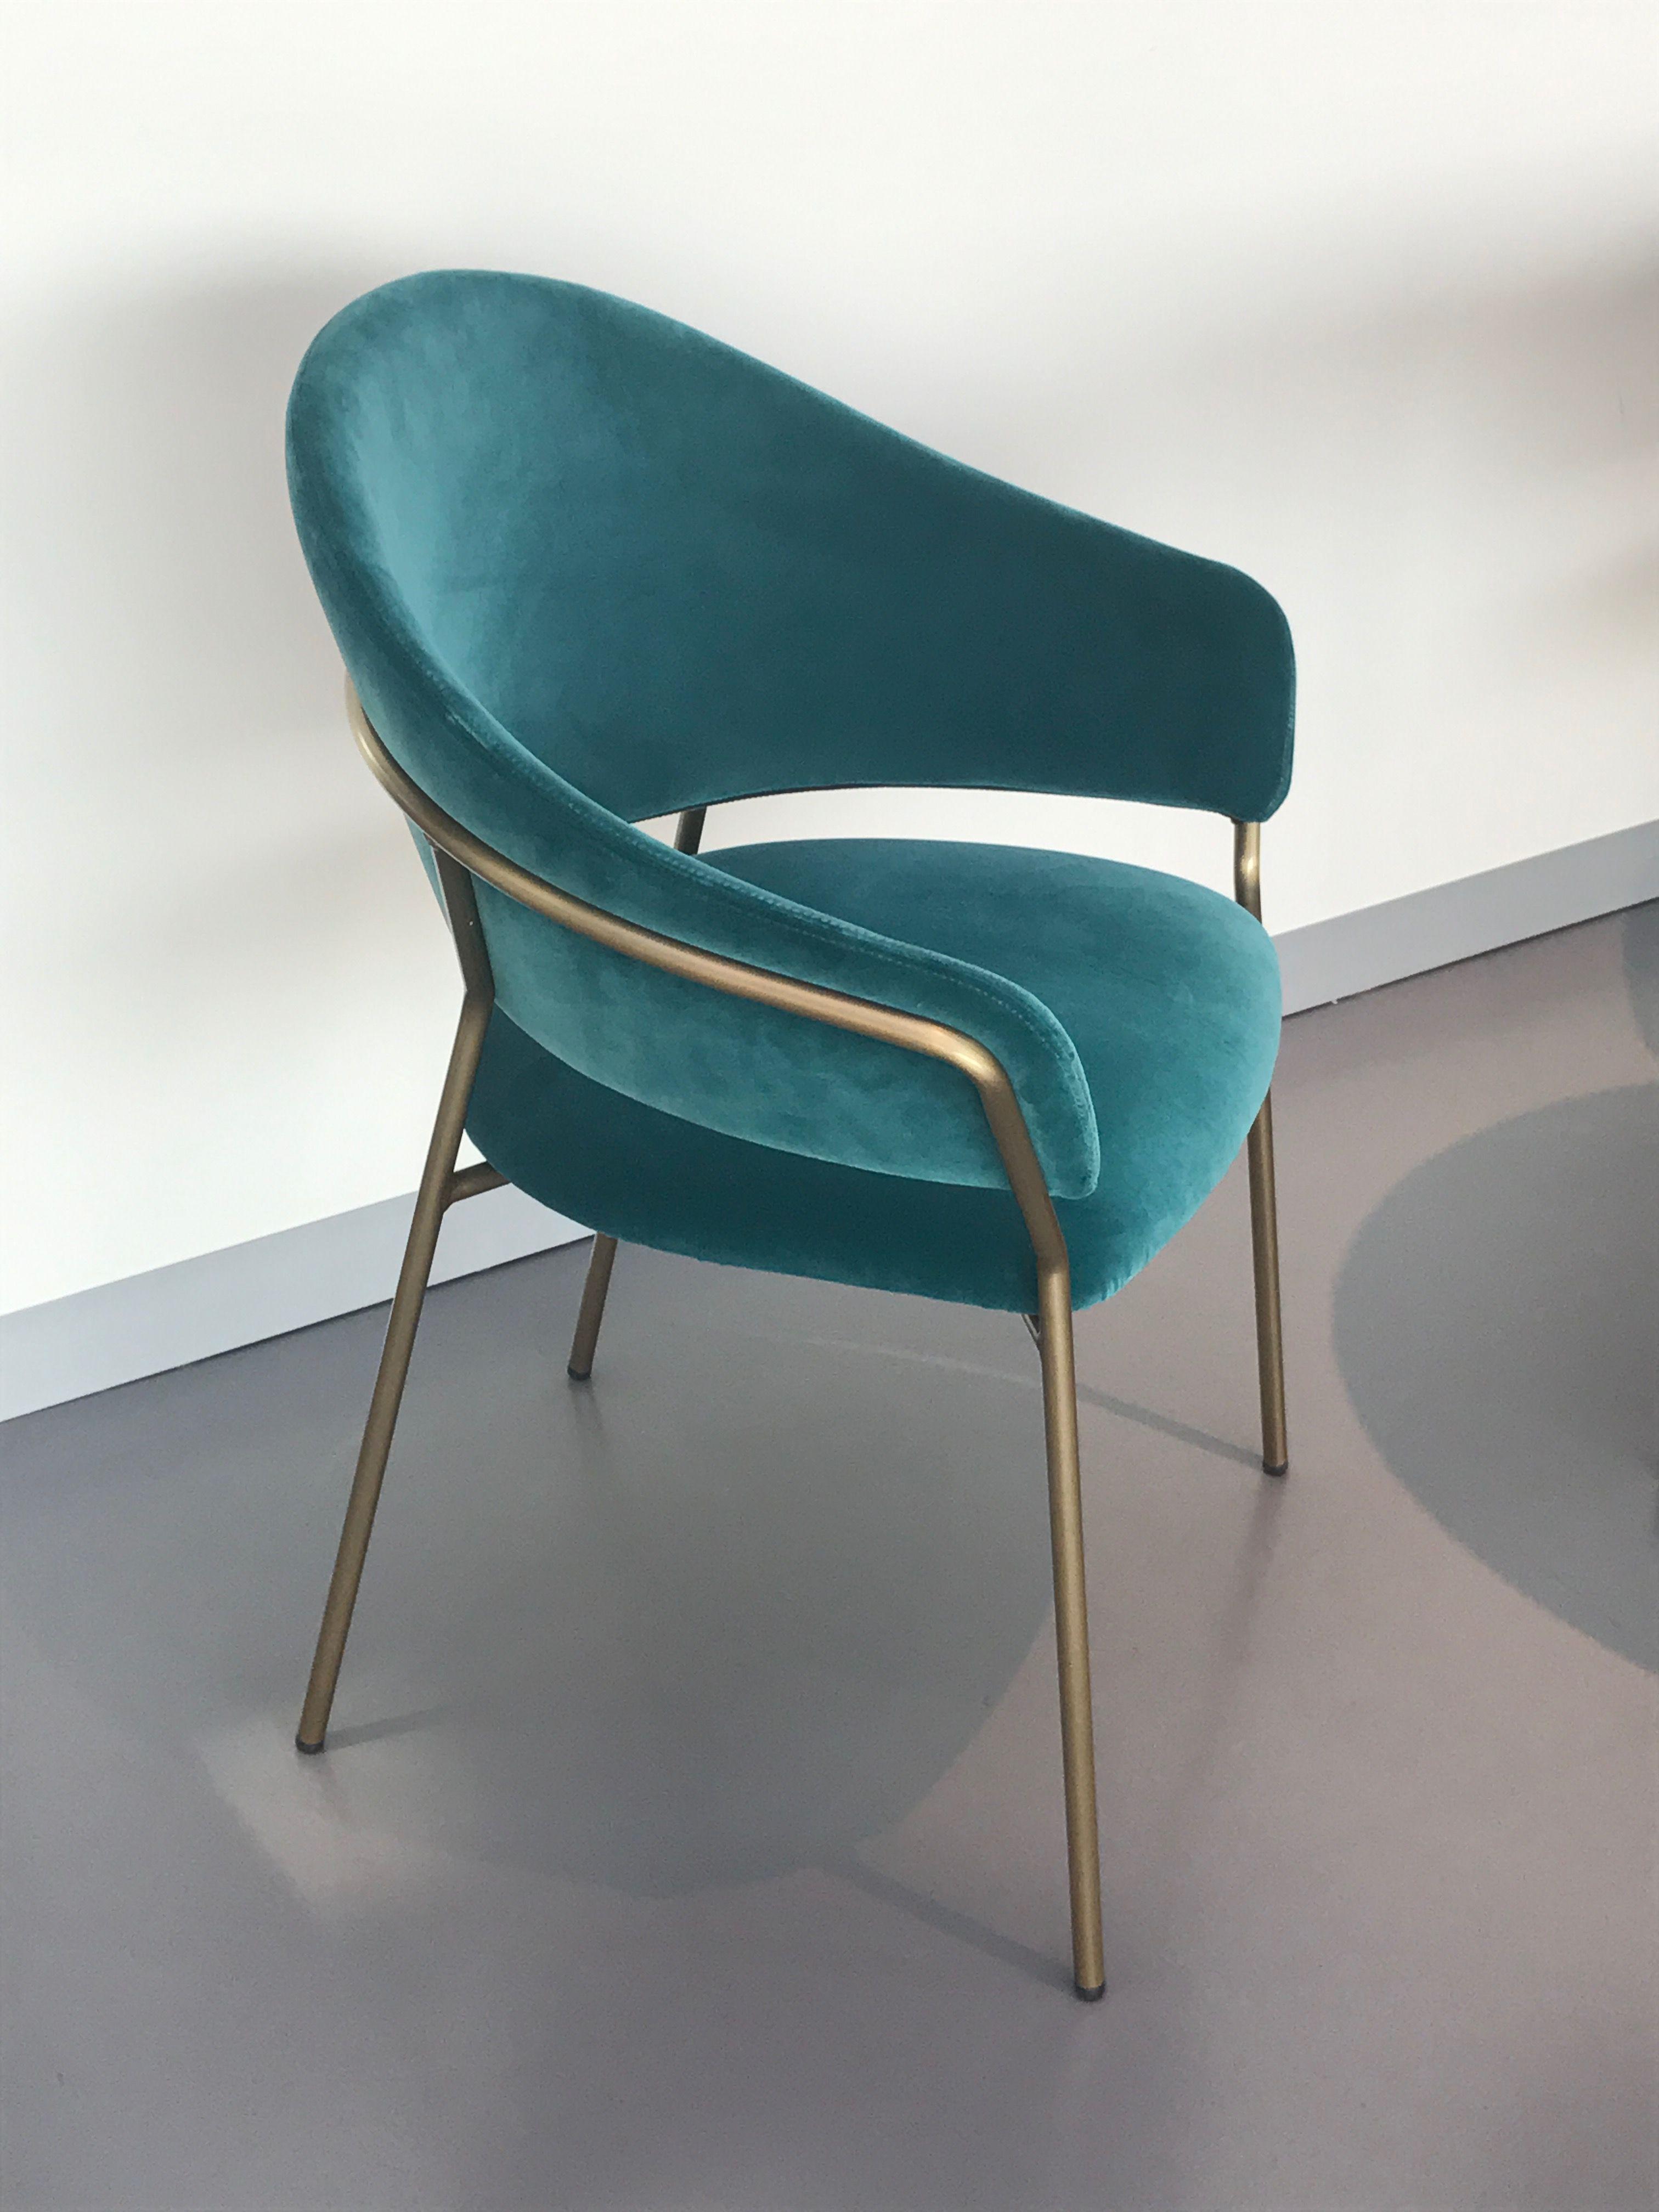 Mueble italiano. Esta silla se llama Pedrali jazz. Está hecha con ...